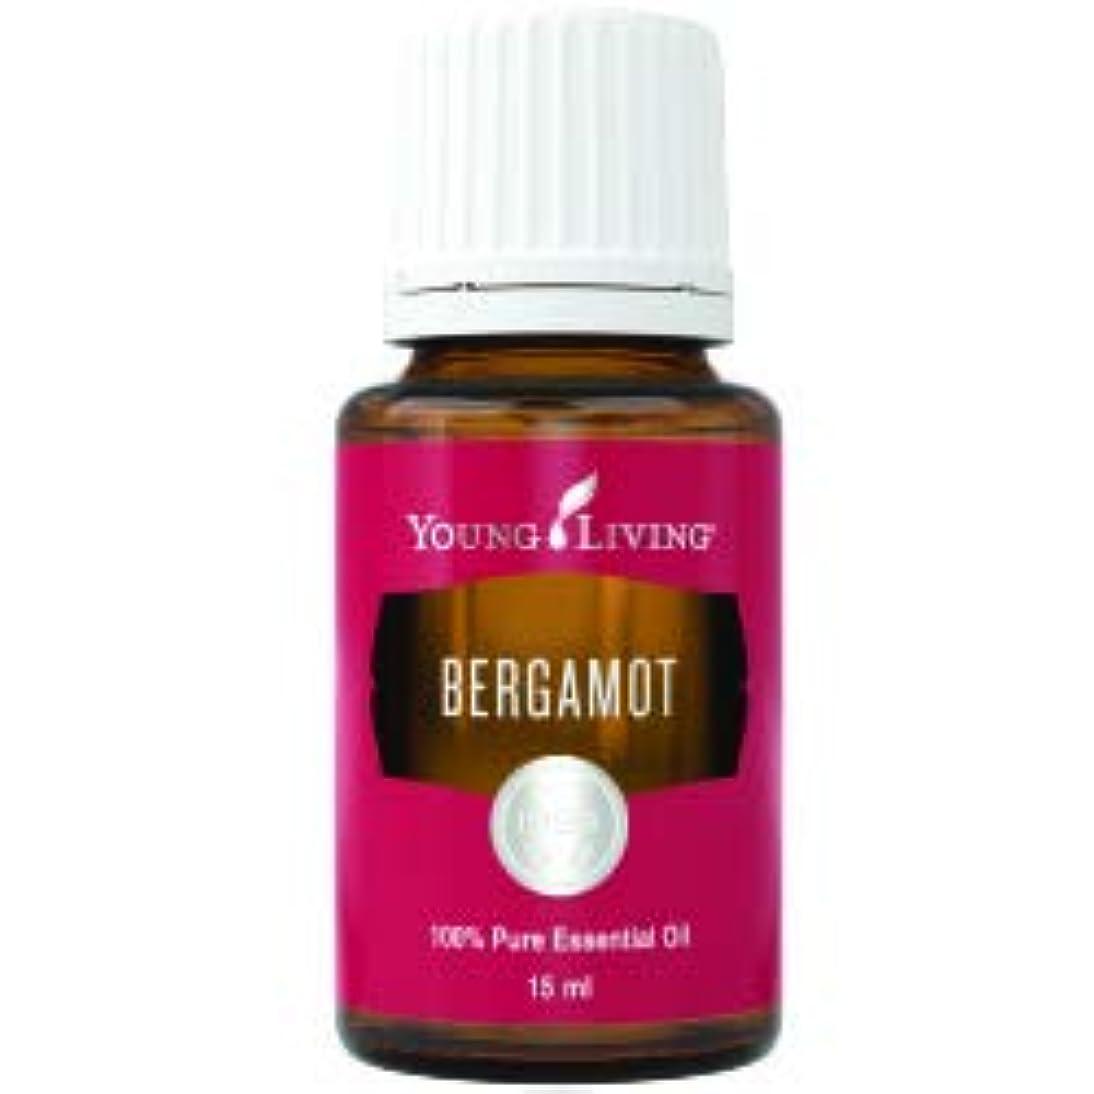 クリップ地味な内側ヤングリビングマレーシアのベルガモットエッセンシャルオイル15 ml Bergamot Essential Oil 15 ml by Young Living Malaysia